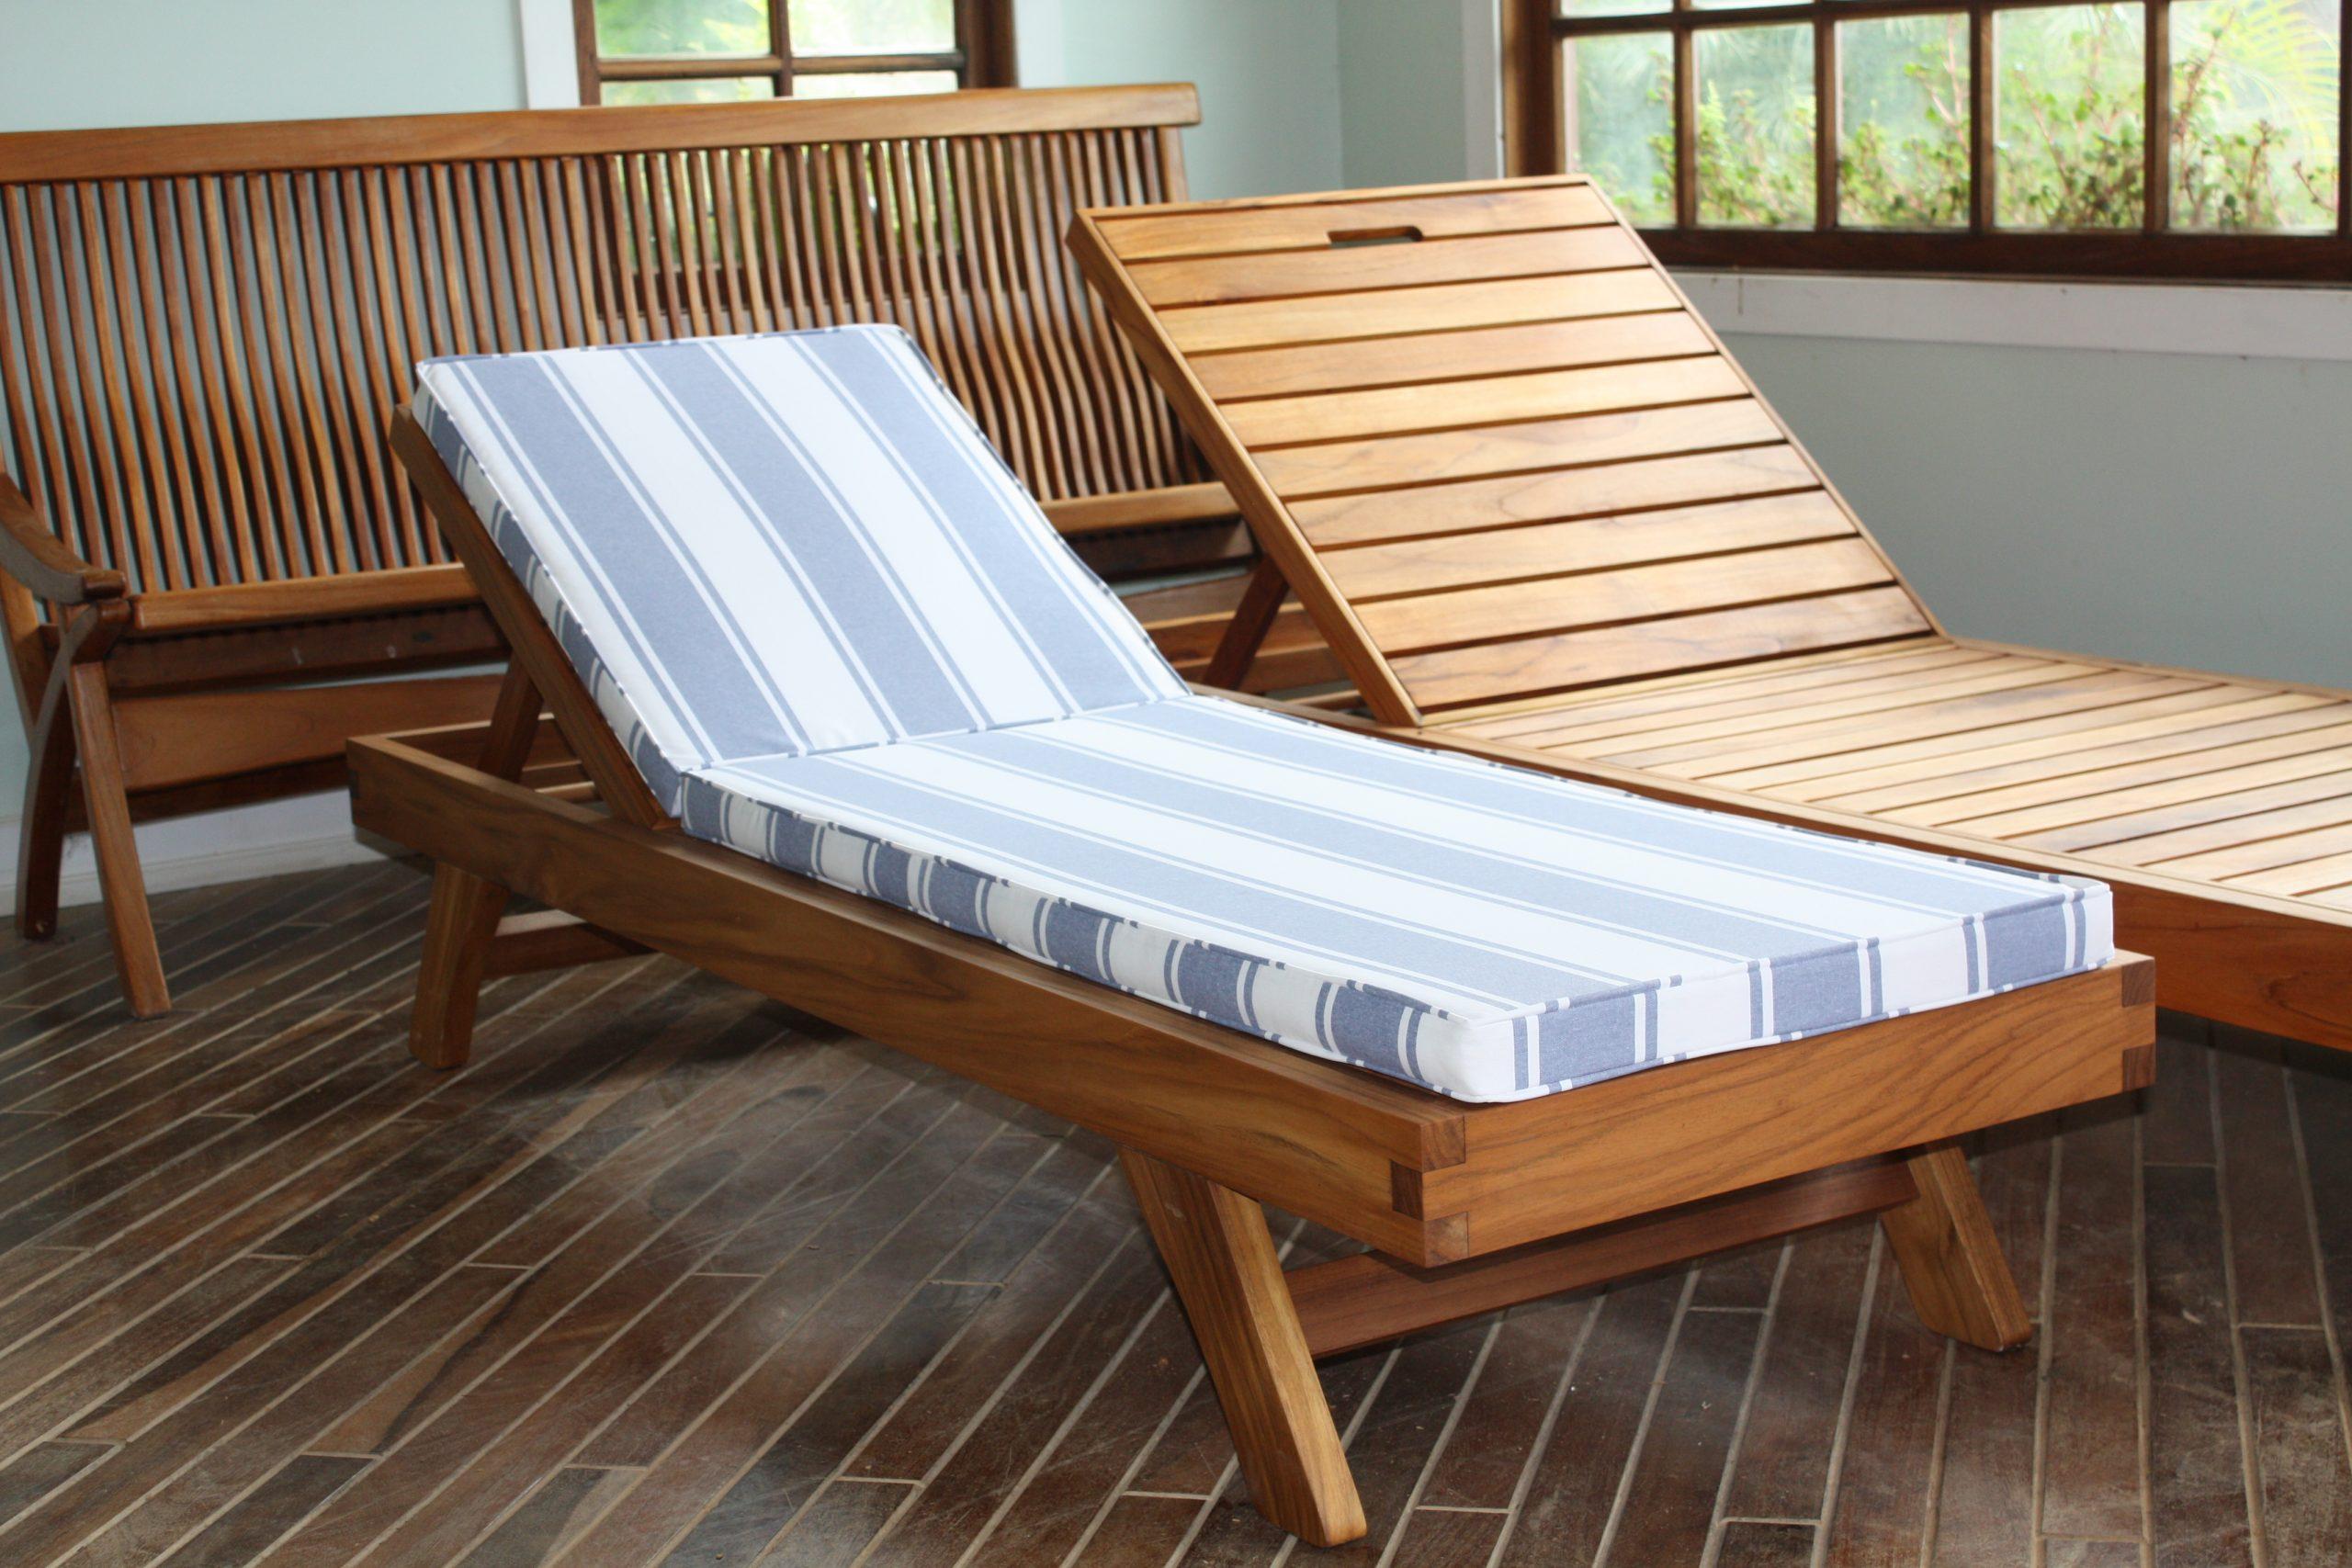 Full Size of Sonnenliege Ikea Liege Liegestuhl Teakholz Garten Kleinanzeigennet Betten 160x200 Küche Kosten Kaufen Modulküche Miniküche Sofa Mit Schlaffunktion Bei Wohnzimmer Sonnenliege Ikea